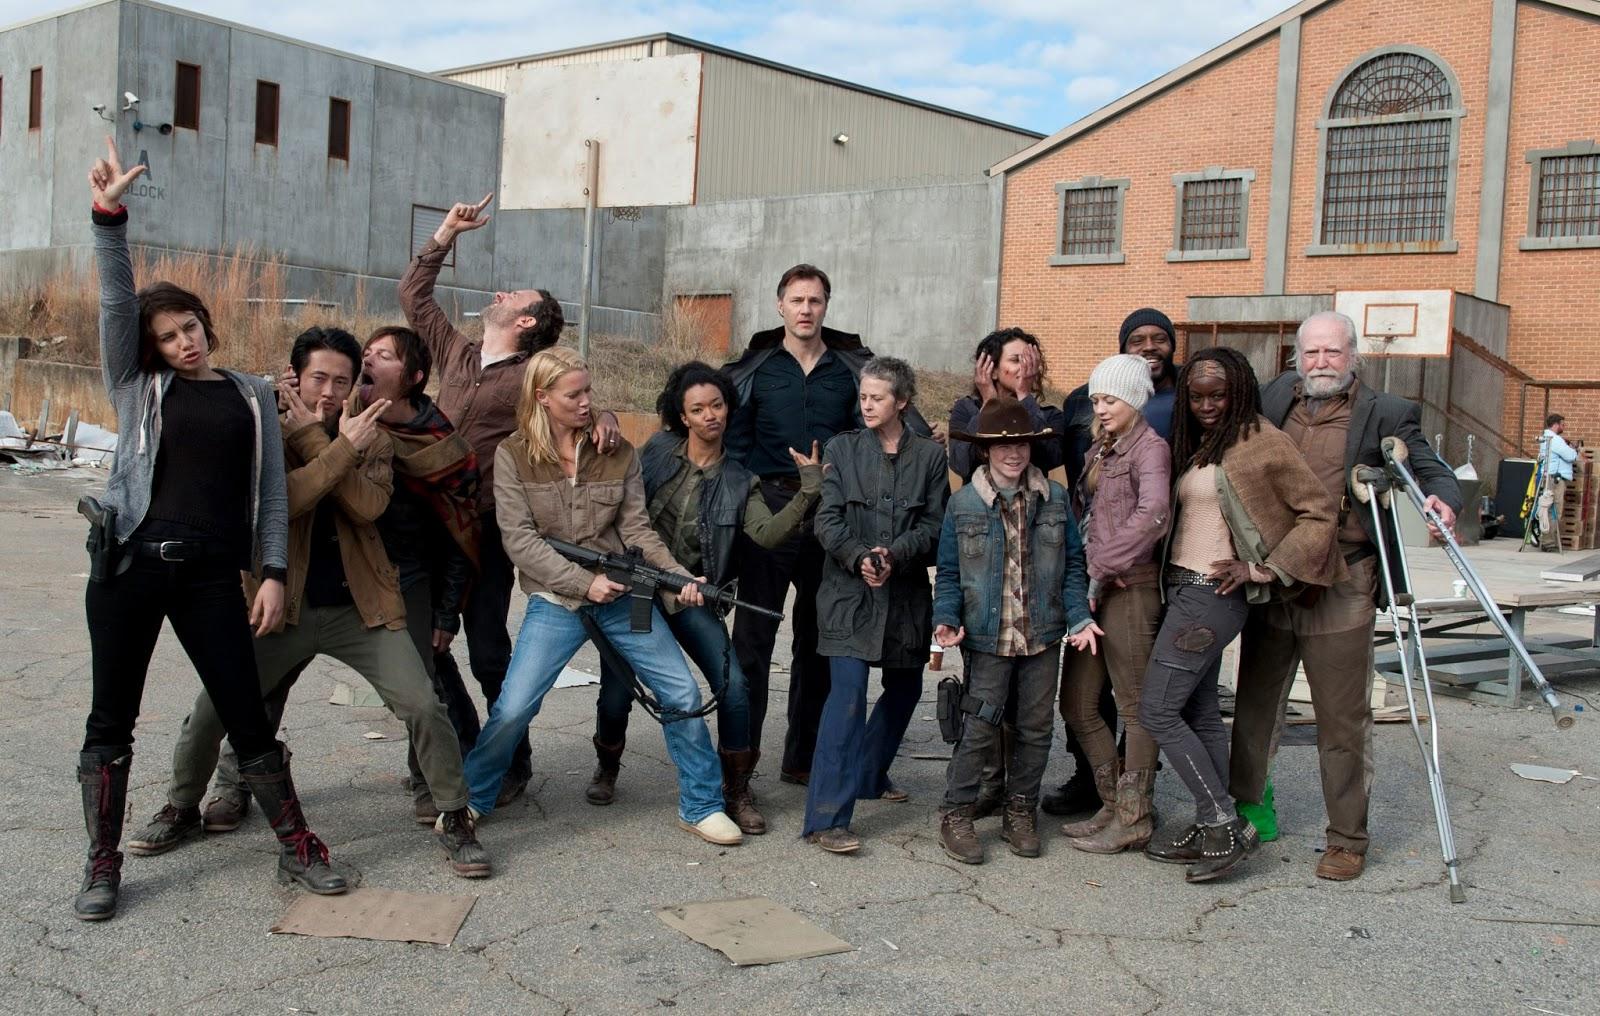 El reparto de The Walking Dead, en un gracioso posado durante la tercera temporada